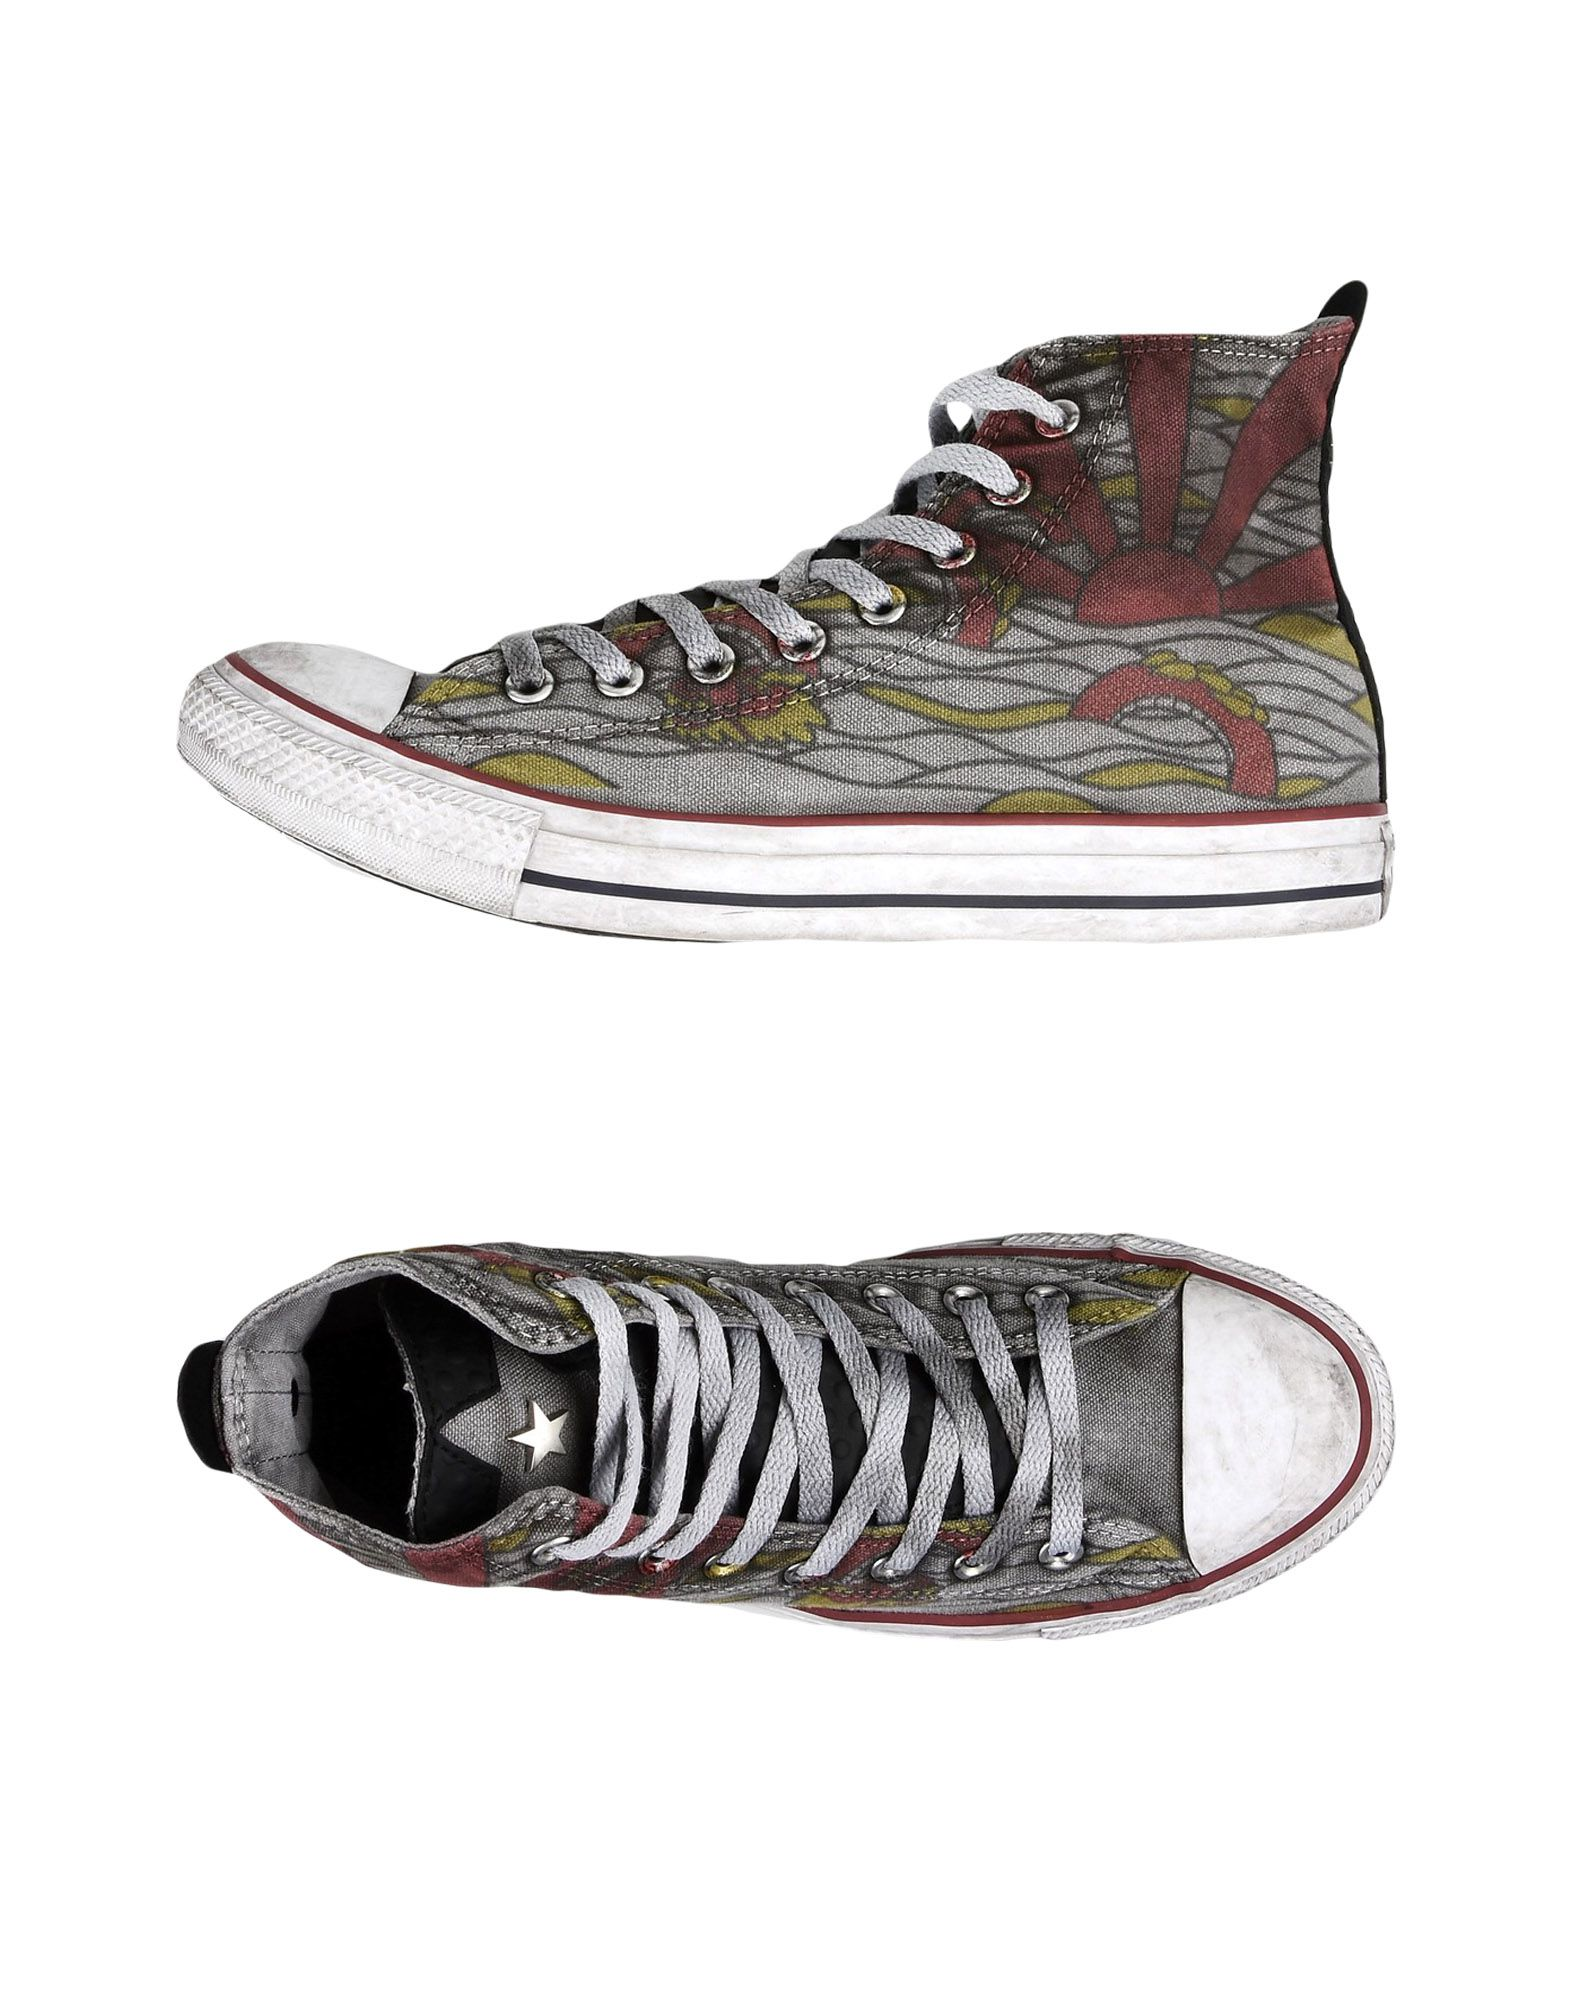 Sneakers Converse Limited Edition Ctas Hi Canvas Ltd - Uomo - 11247829XD